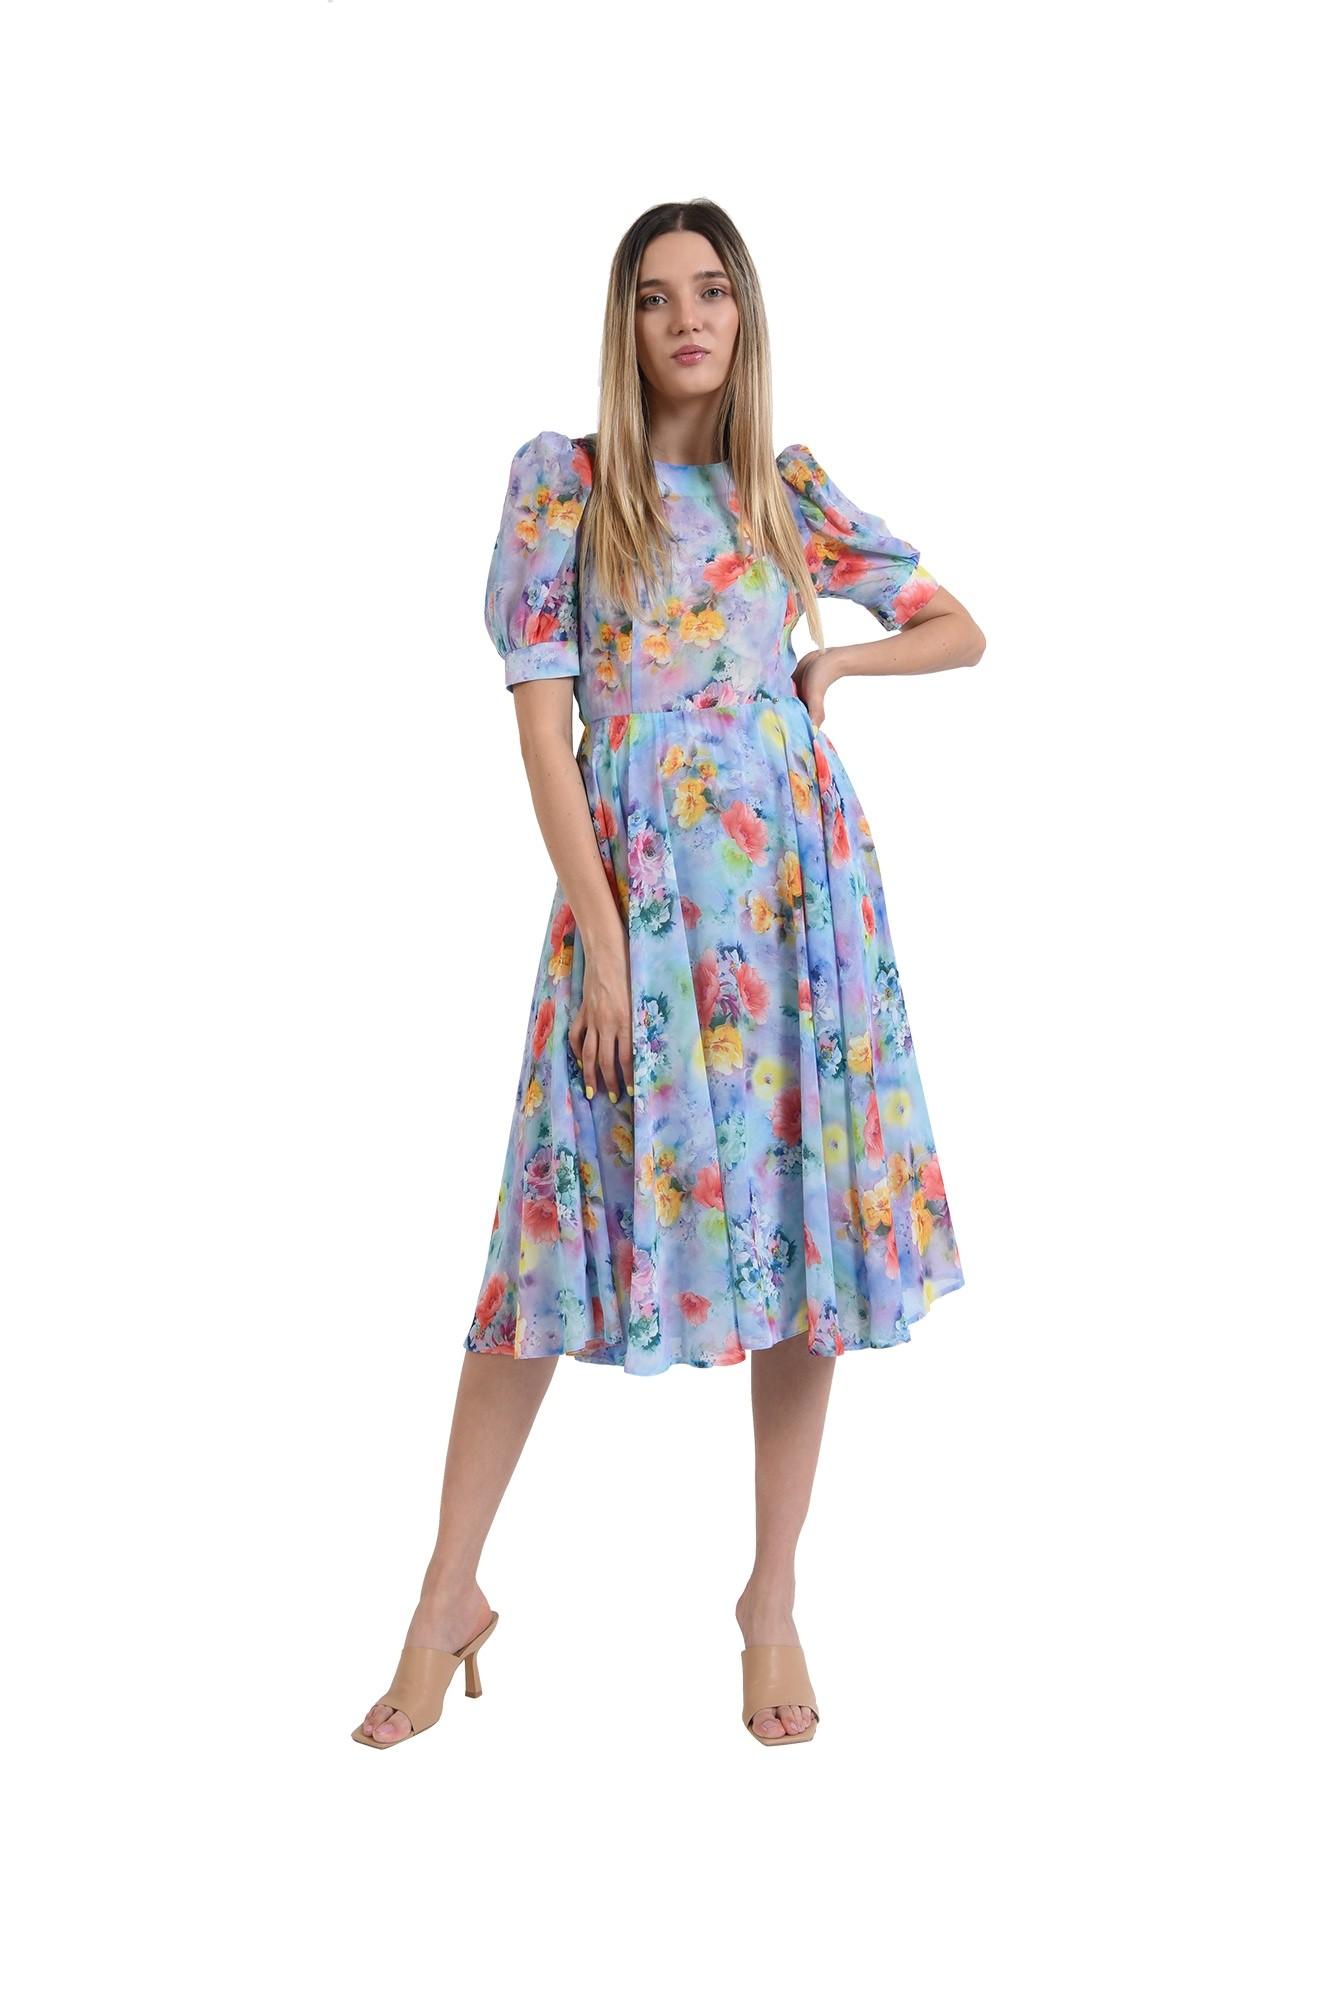 rochie eleganta, cu motive florale, cu umeri accentuari